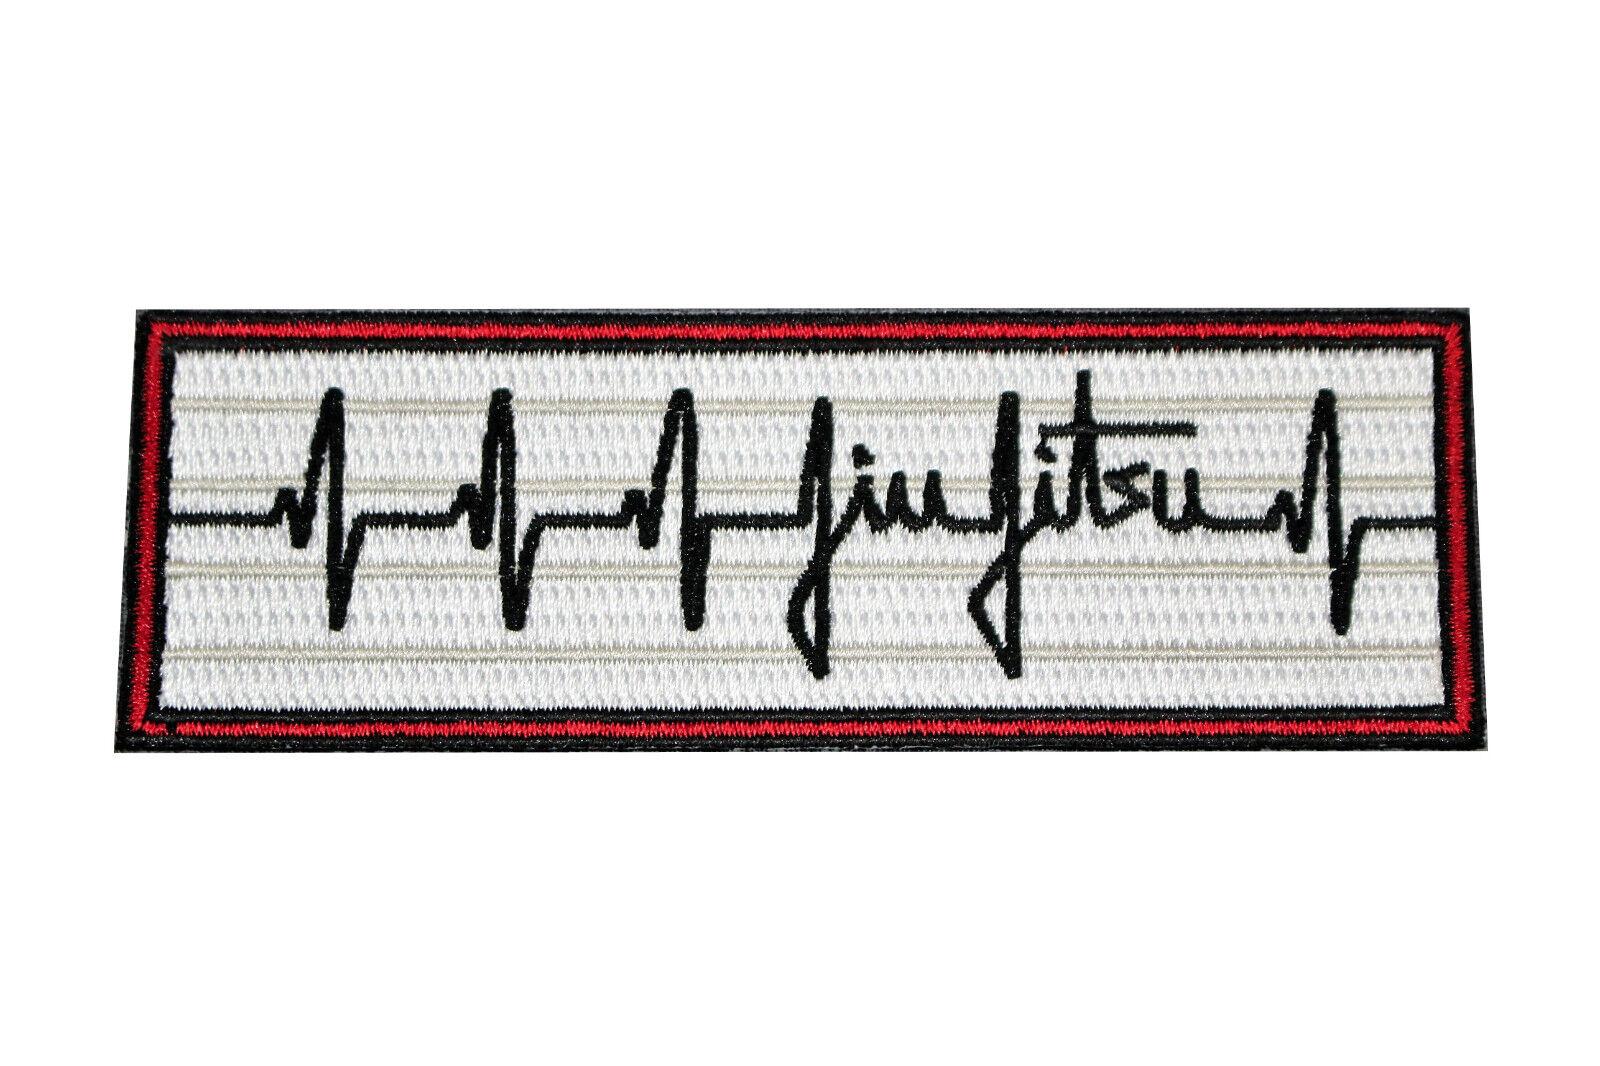 BJJ PATCH LOT - (10) Jiu Jitsu Gi Patches HEARTBEAT PULSE JitsisLife Iron-on